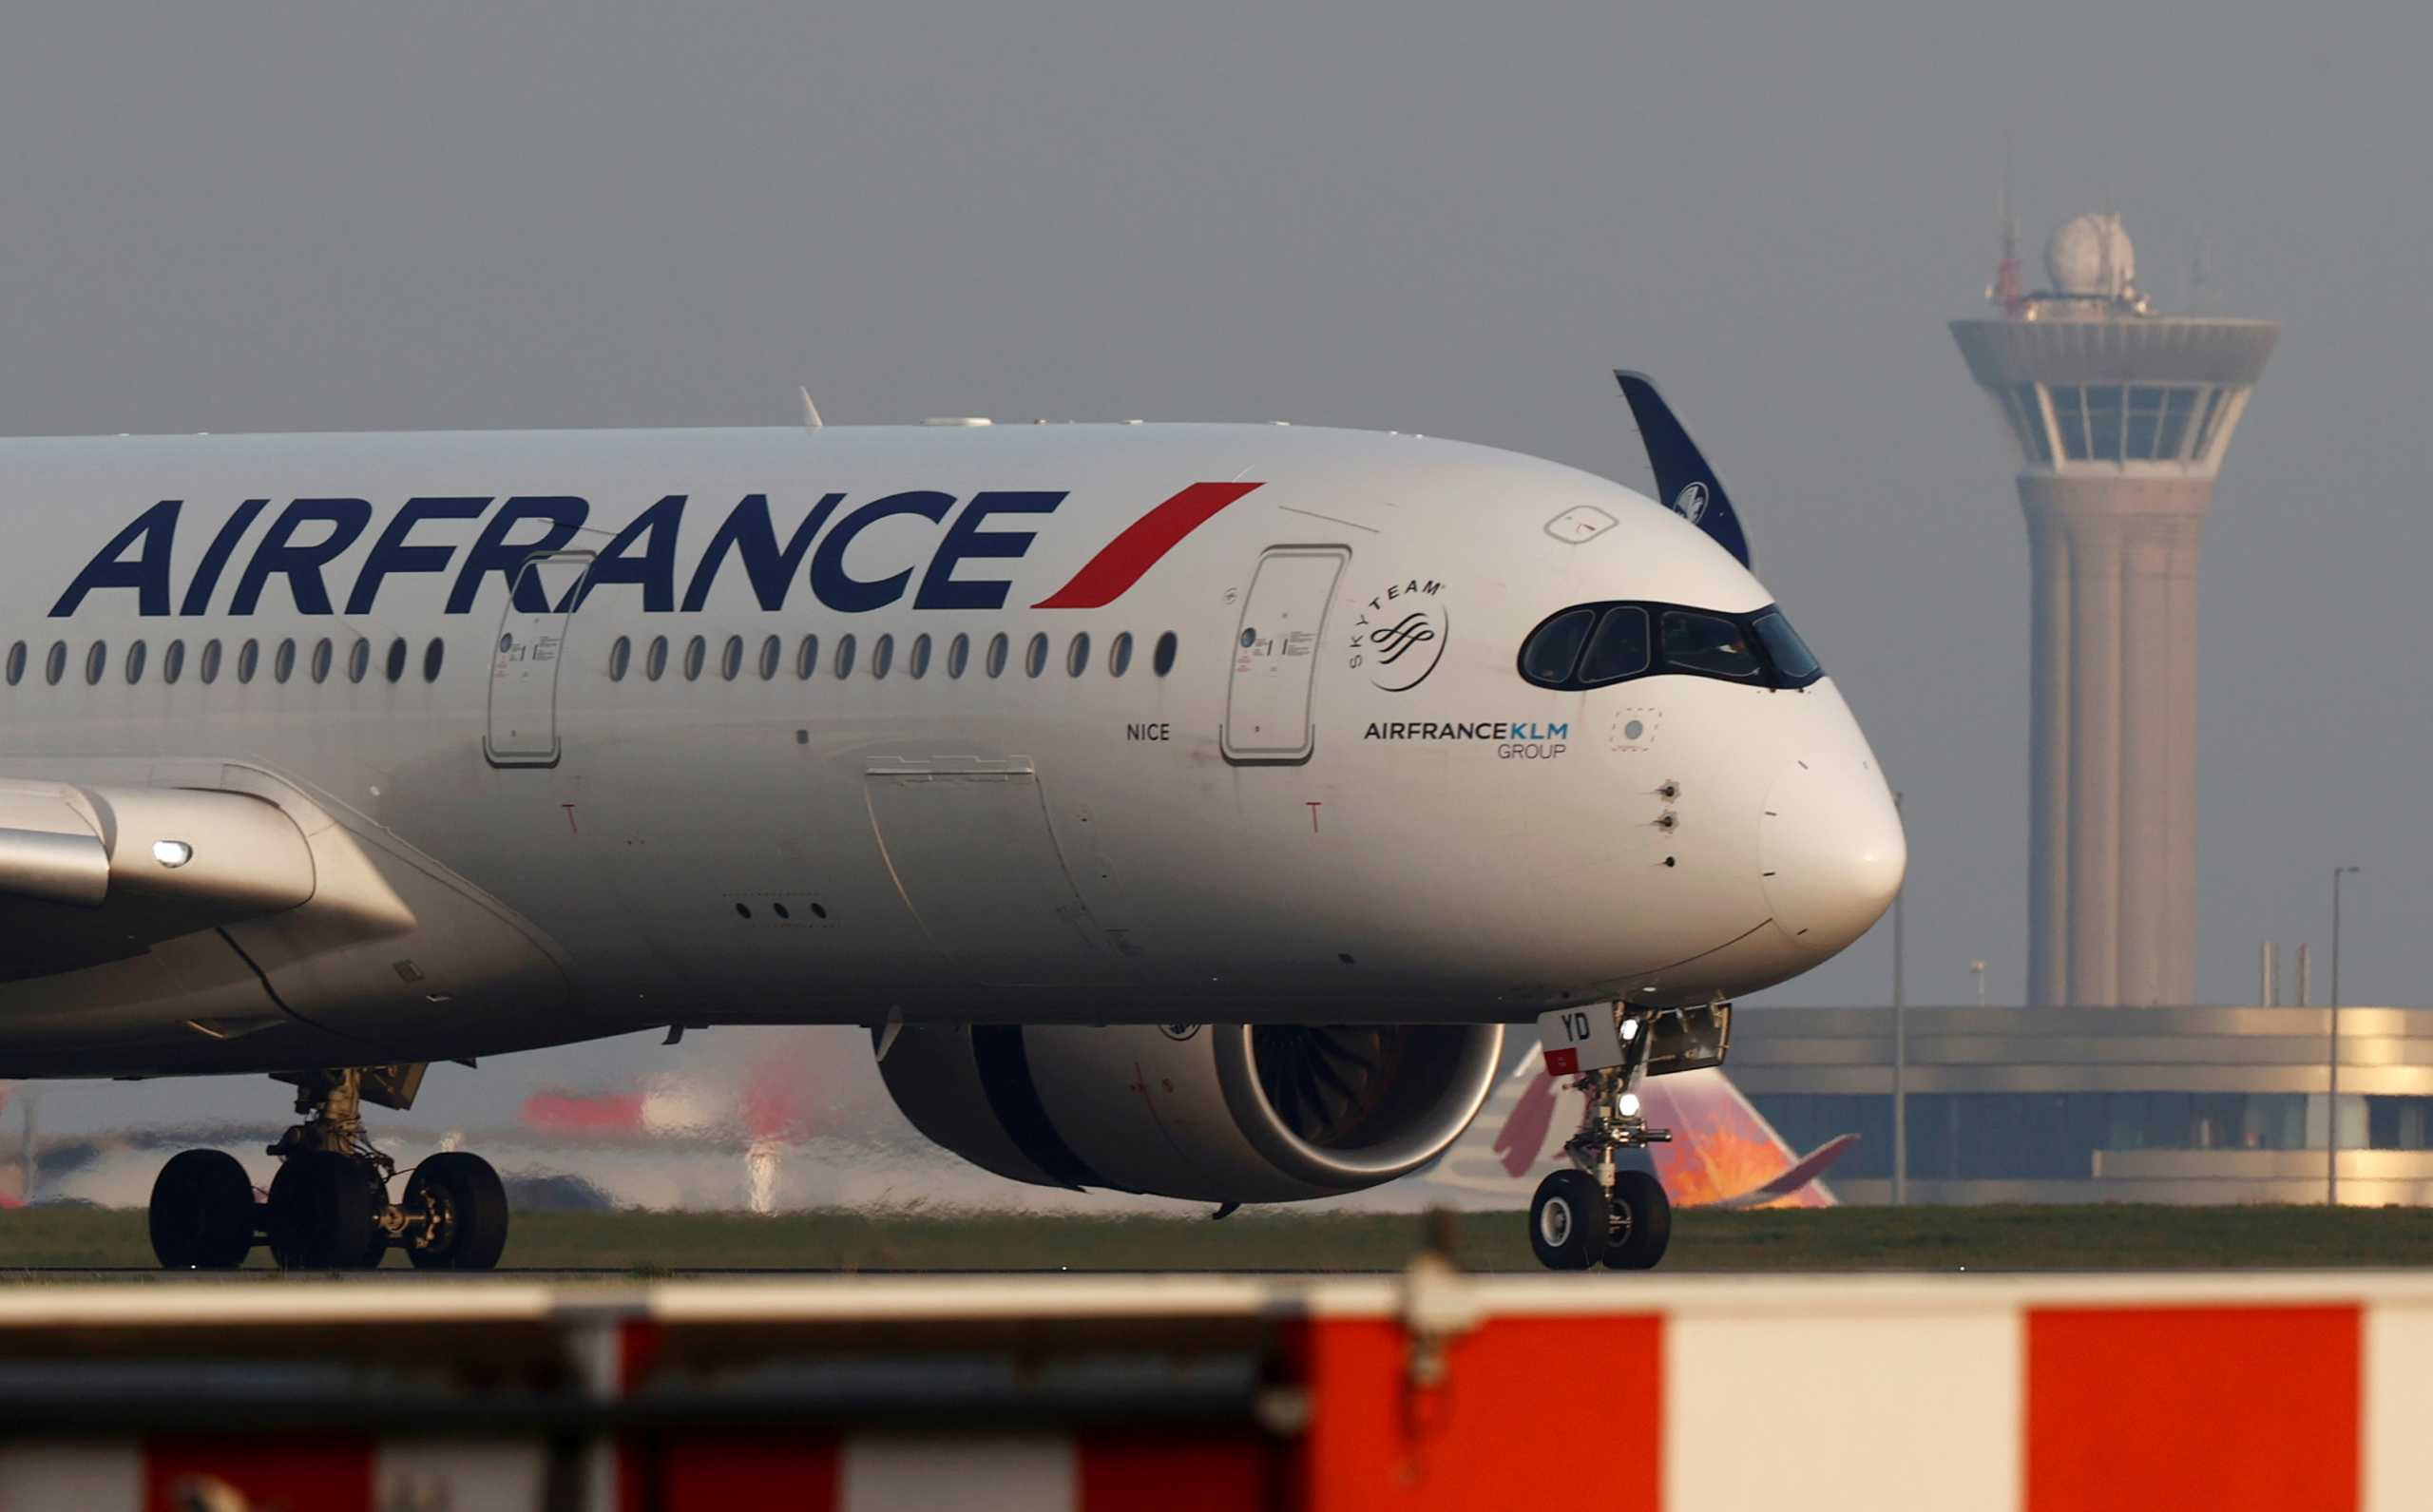 Κίνα: Αεροπλάνο της Air France έκανε αναγκαστική προσγείωση στο Πεκίνο